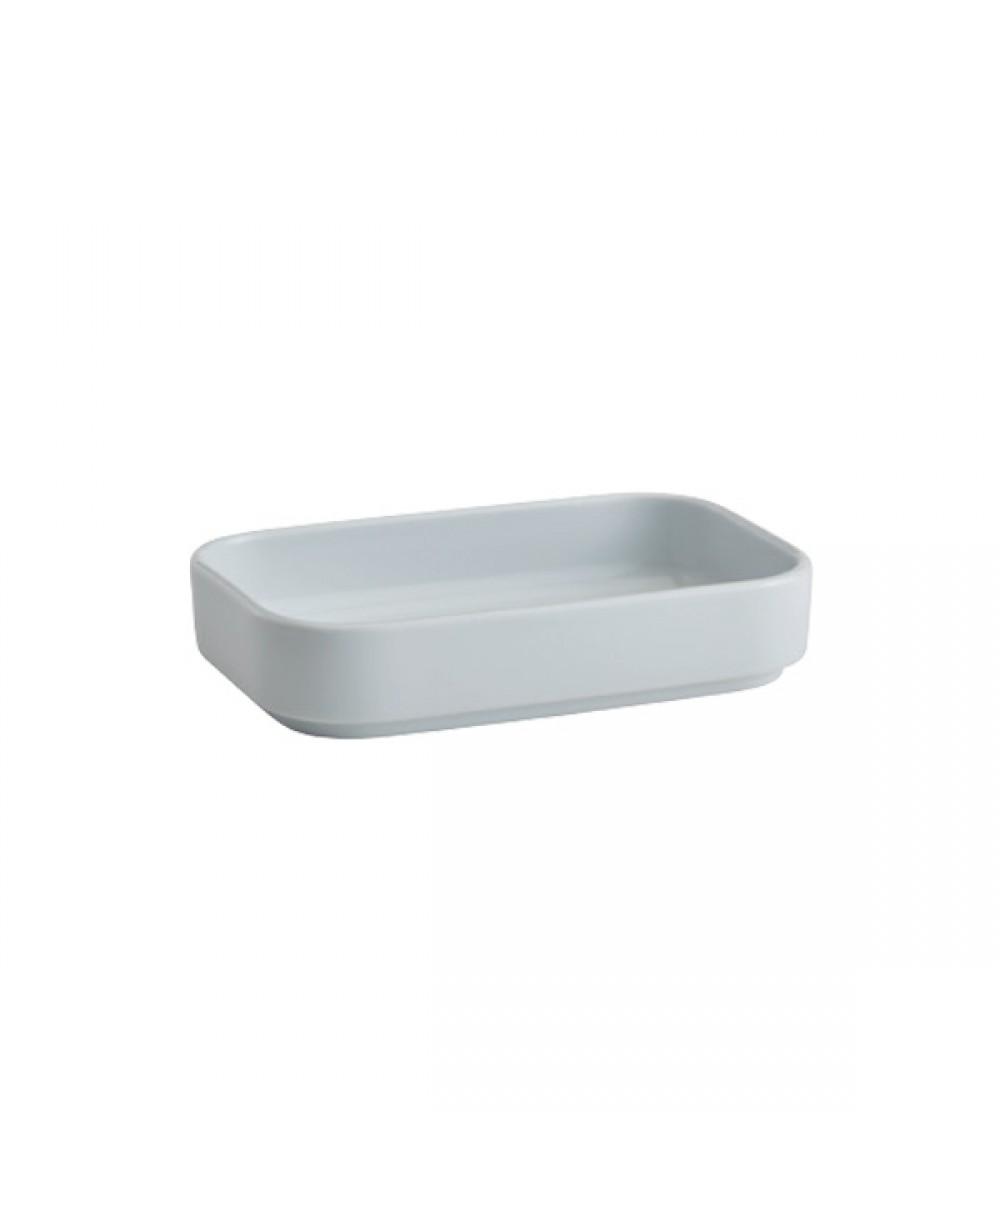 Obdélný porcelánový talíř 11 x 18 cm